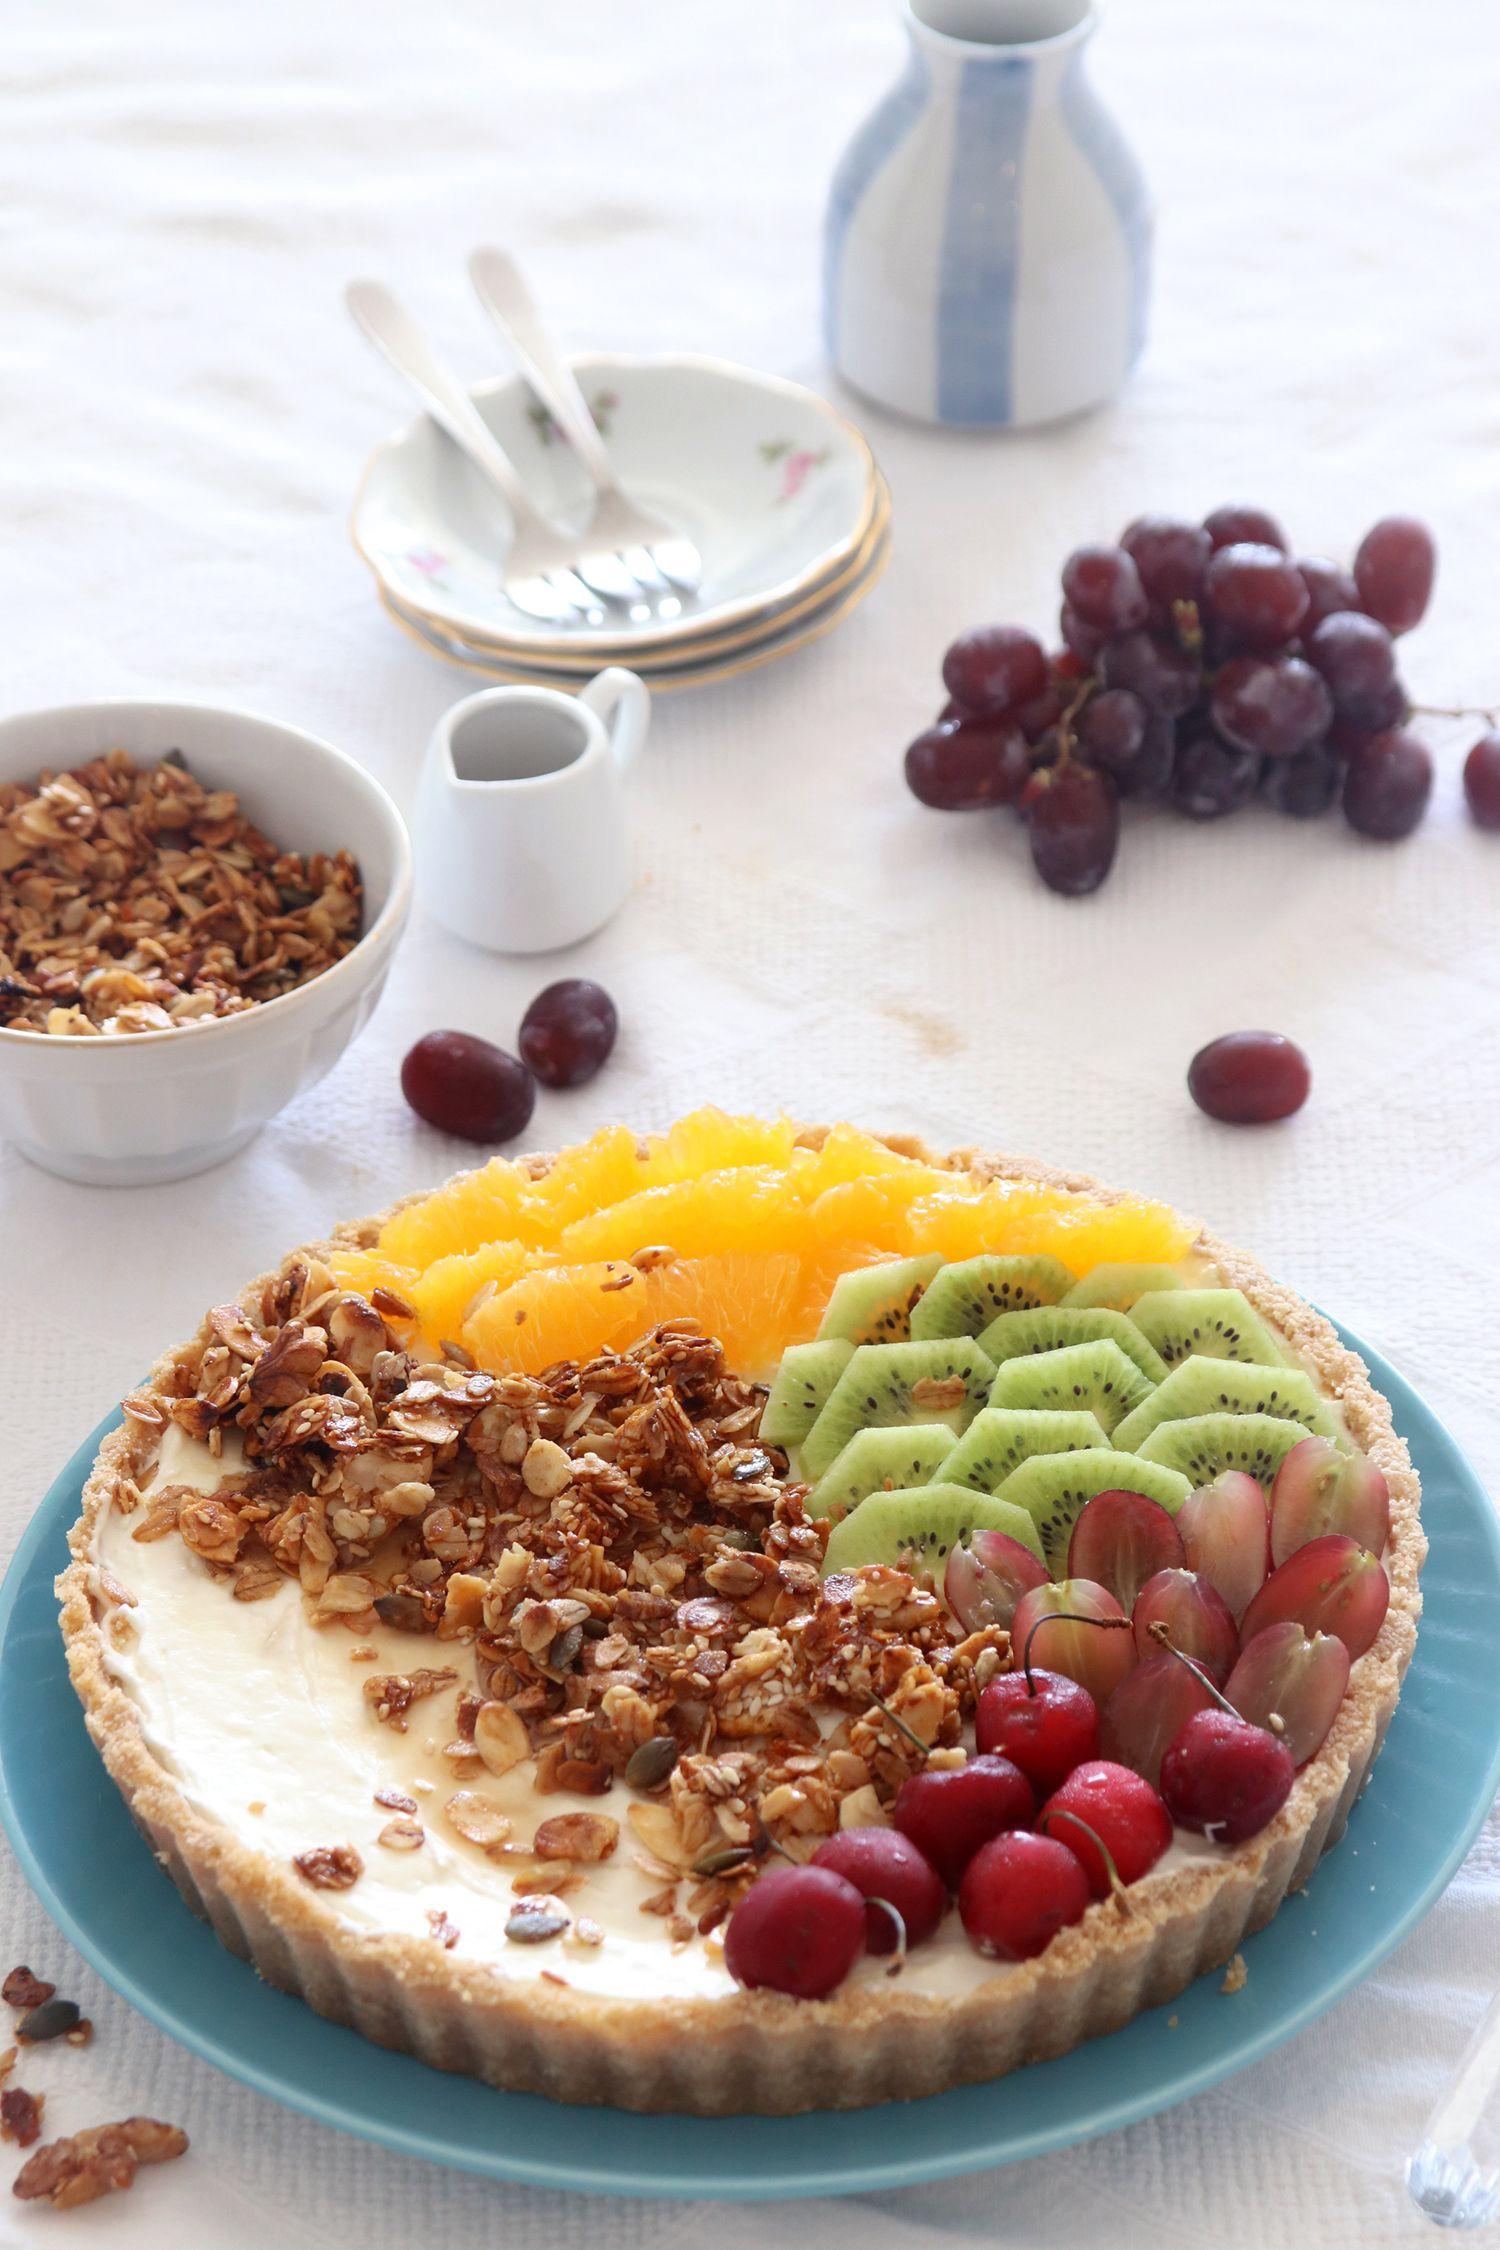 פאי גרנולה ויוגורט עם פירות ללא אפייה | צילום: נטלי לוין